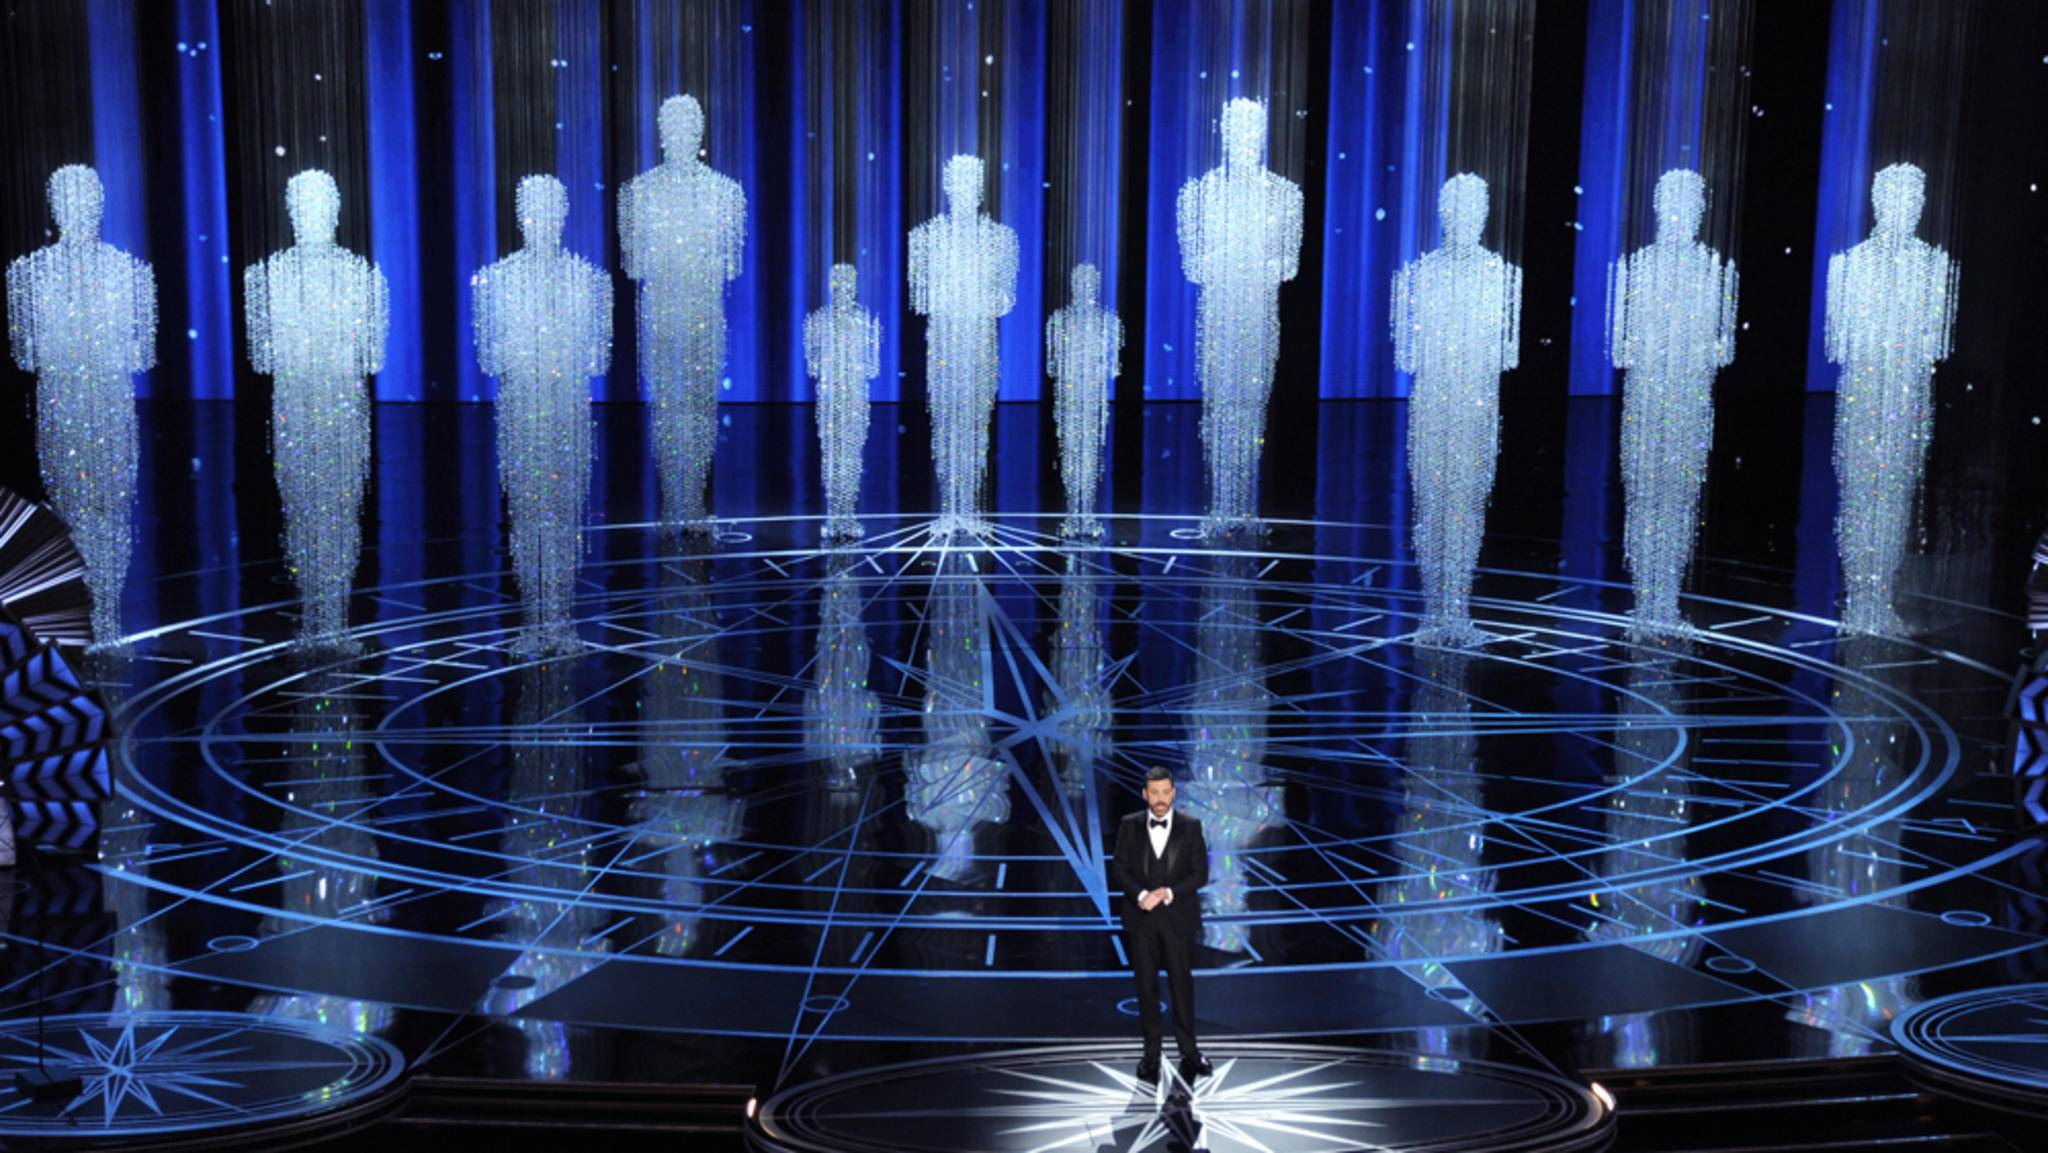 Aufwendige Bühnenshow: Moderator Jimmy Kimmel im Schatten der Oscar-Statue.